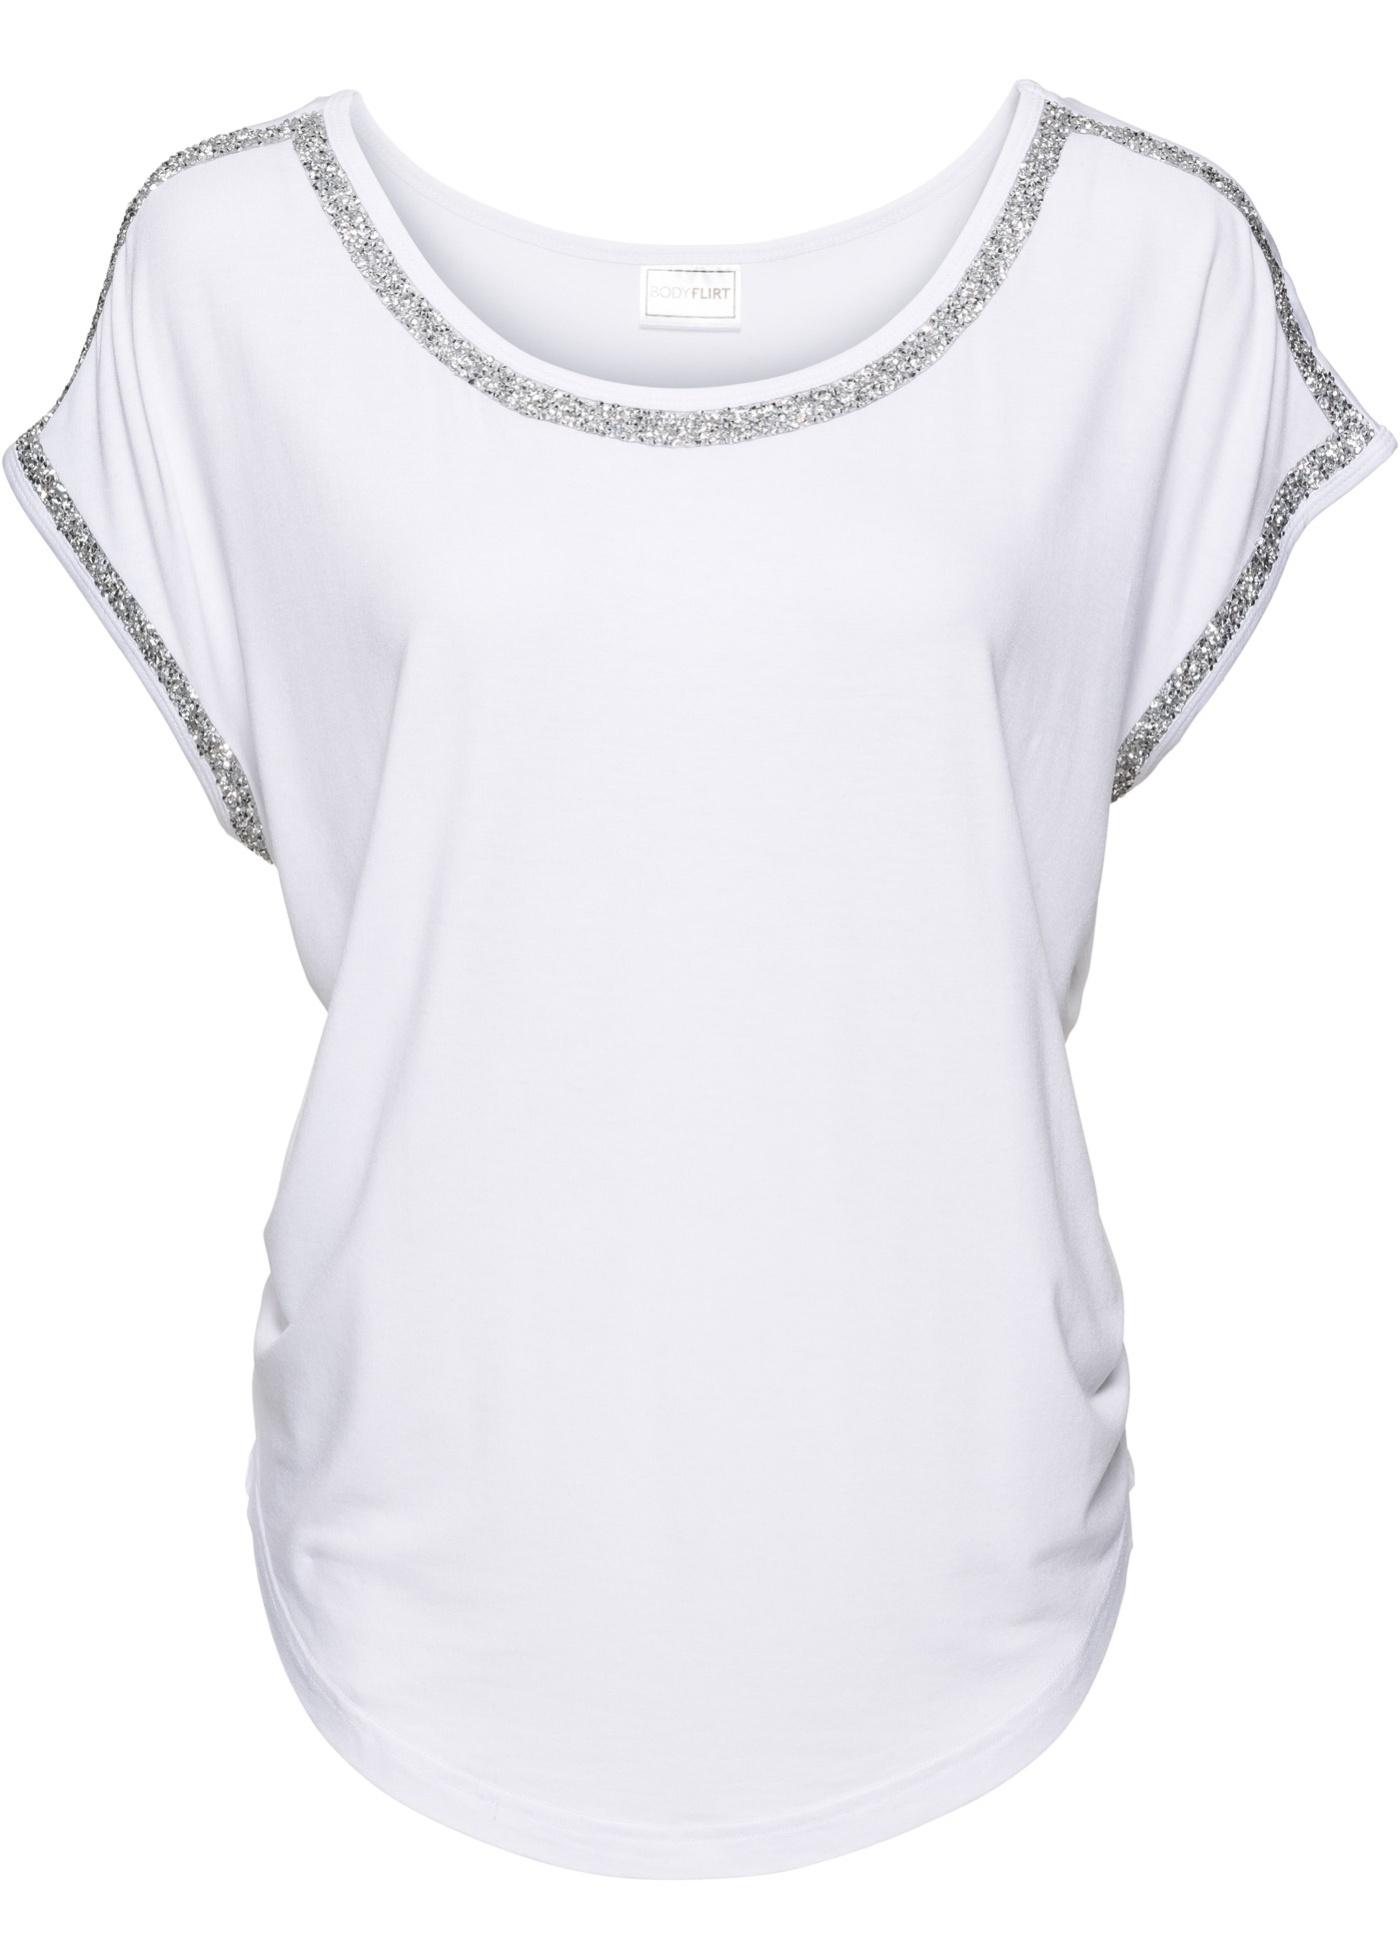 Application Manches Femme shirt Brillante Blanc Pour BonprixT Avec Courtes Bodyflirt oxerdWCB